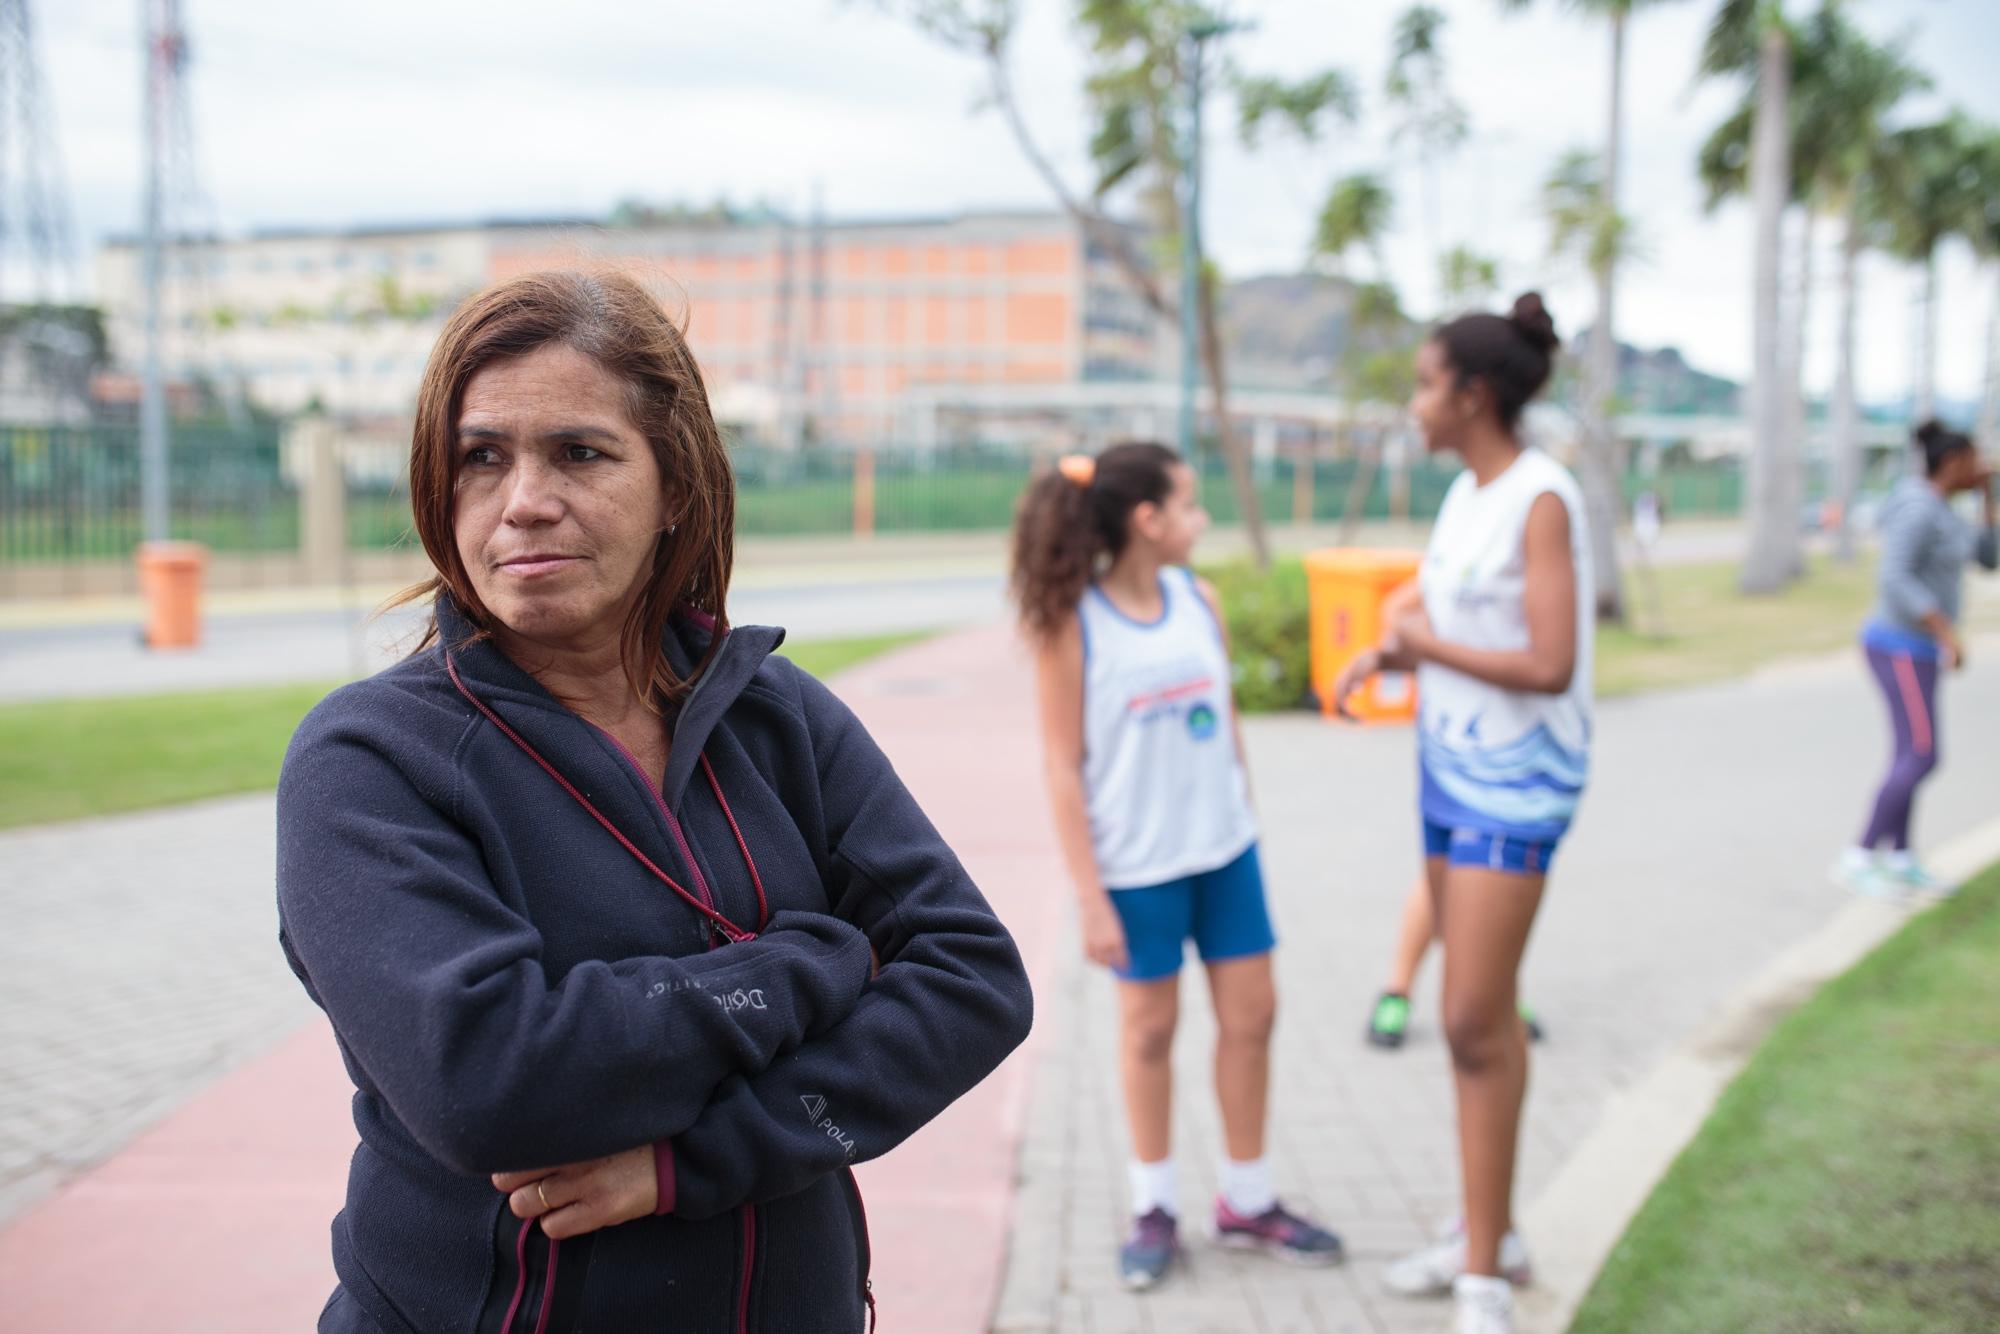 Edneida Freire, 51, treinadora de atletismo, dando aula no Parque Madureira, Zona Norte do Rio de Janeiro.